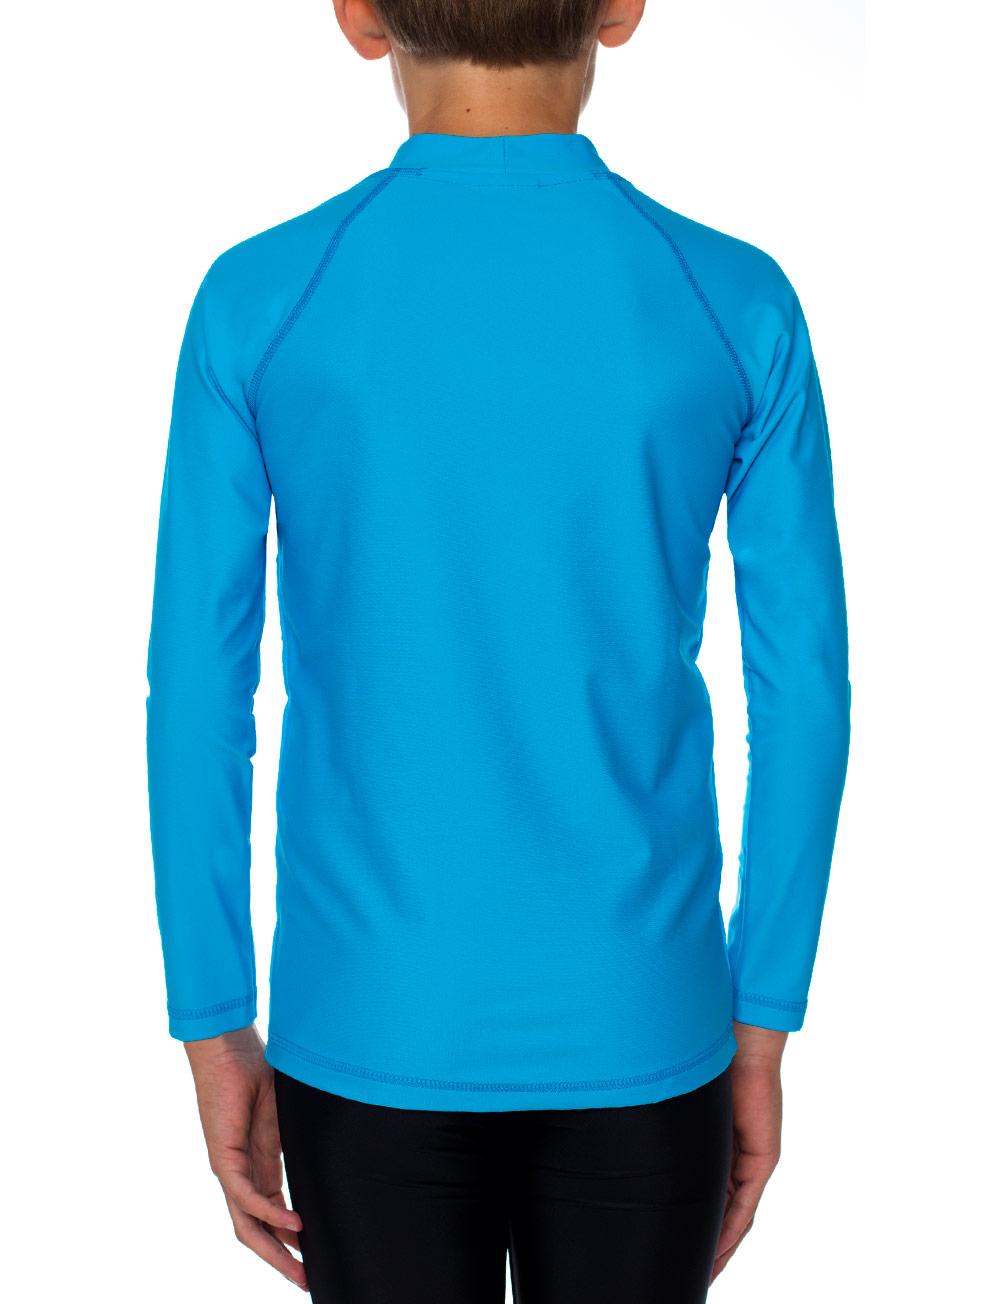 UV-Shirt für Kinder langarm (Größe 116 - 170) | UV-Schutz ...